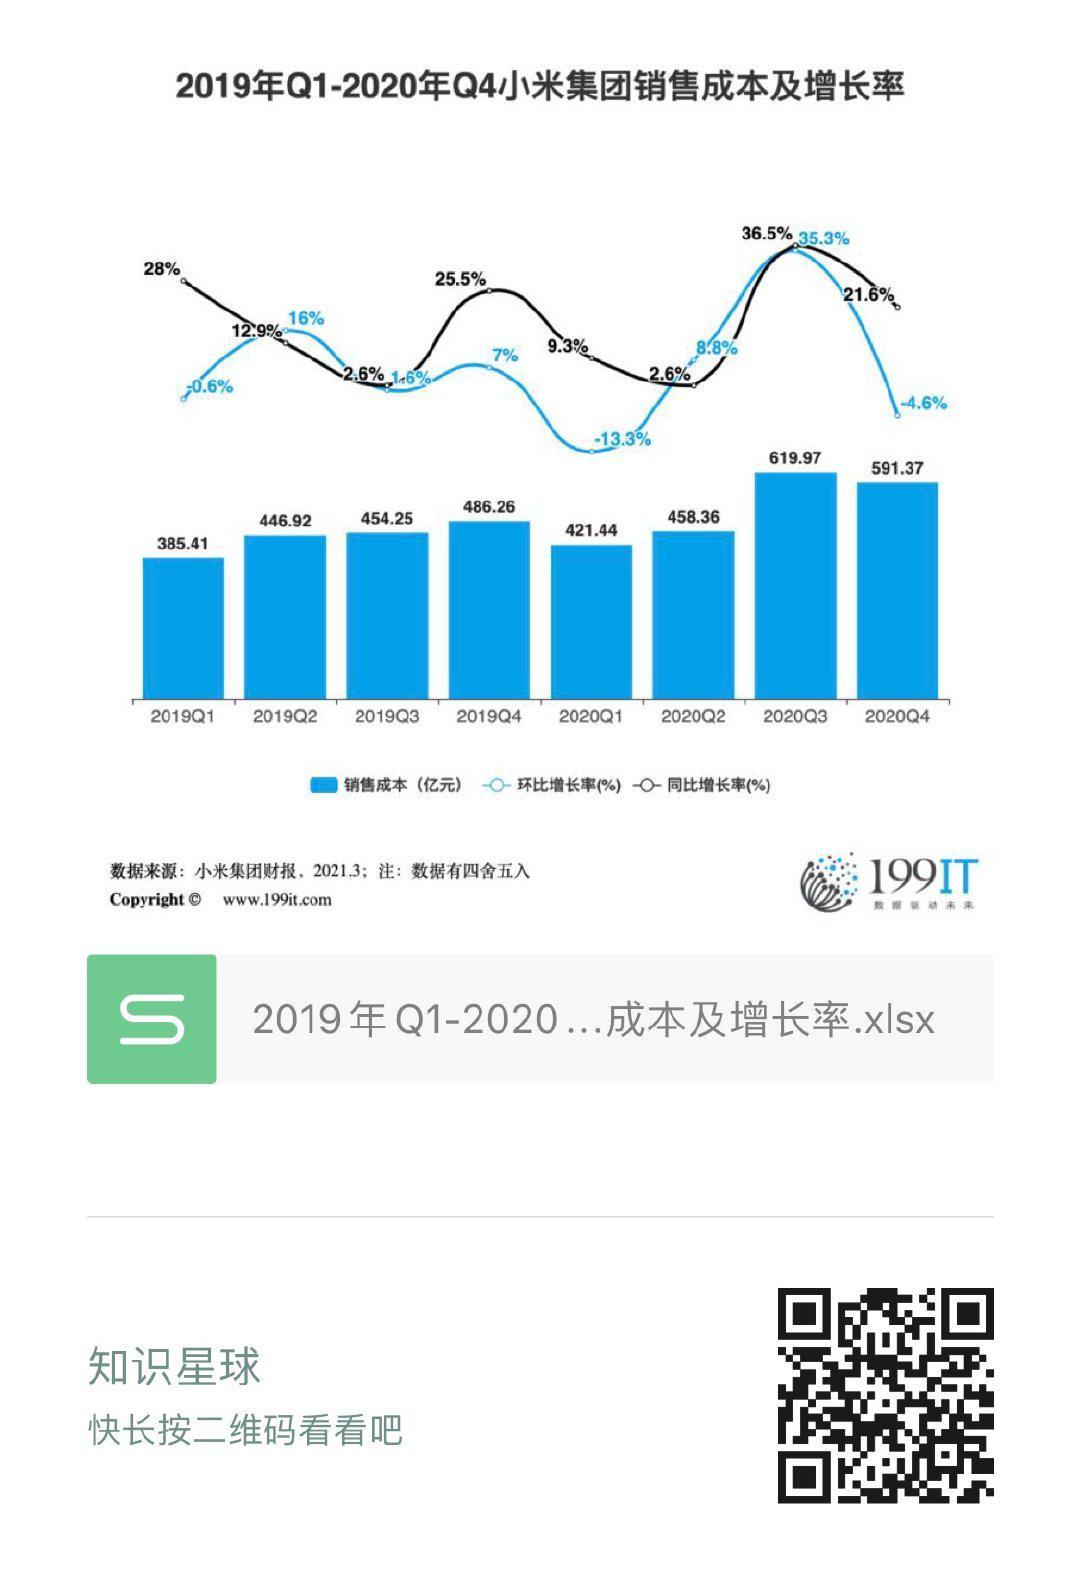 2019年Q1-2020年Q4小米集團銷售成本及增長率(附原資料表)